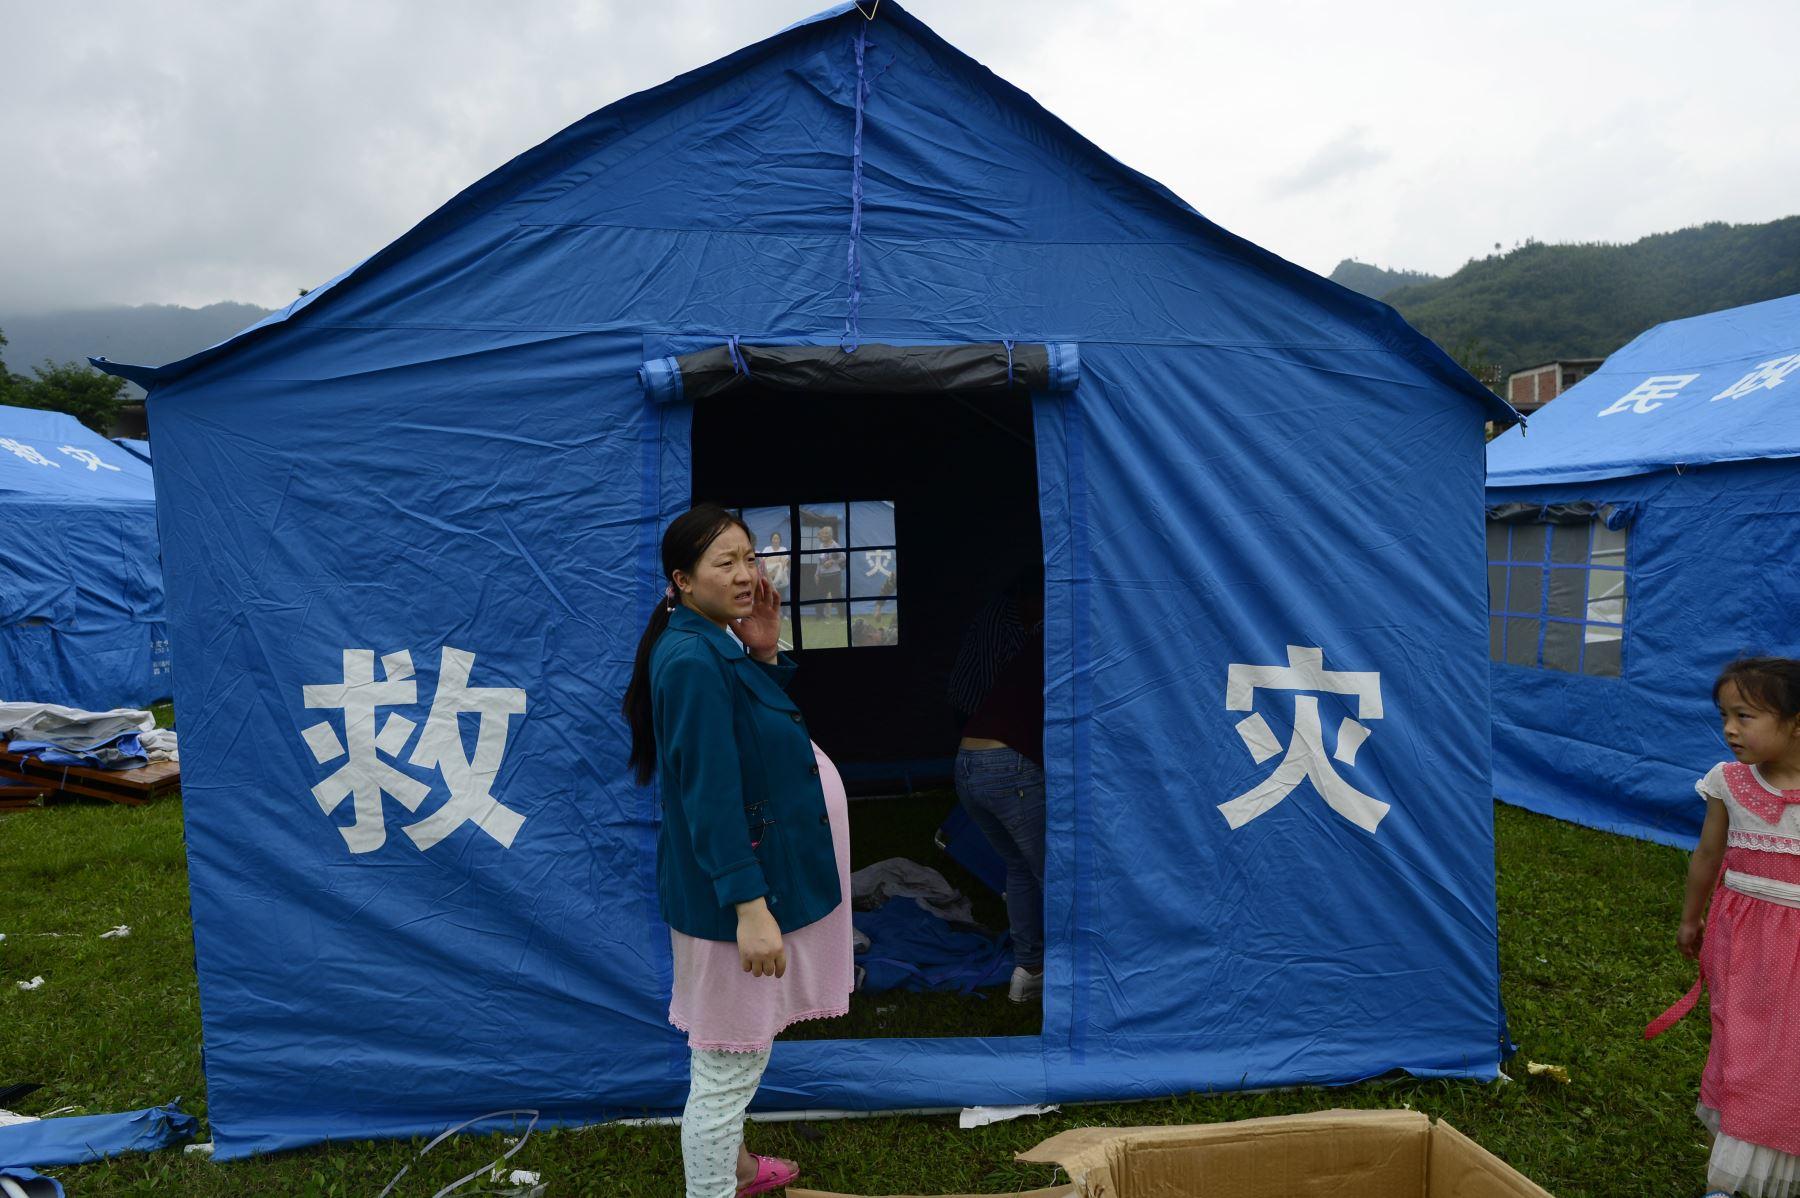 Una mujer embarazada está parada frente a una tienda de campaña en un campamento temporal establecido para sobrevivientes del terremoto en Yibin. Foto: AFP